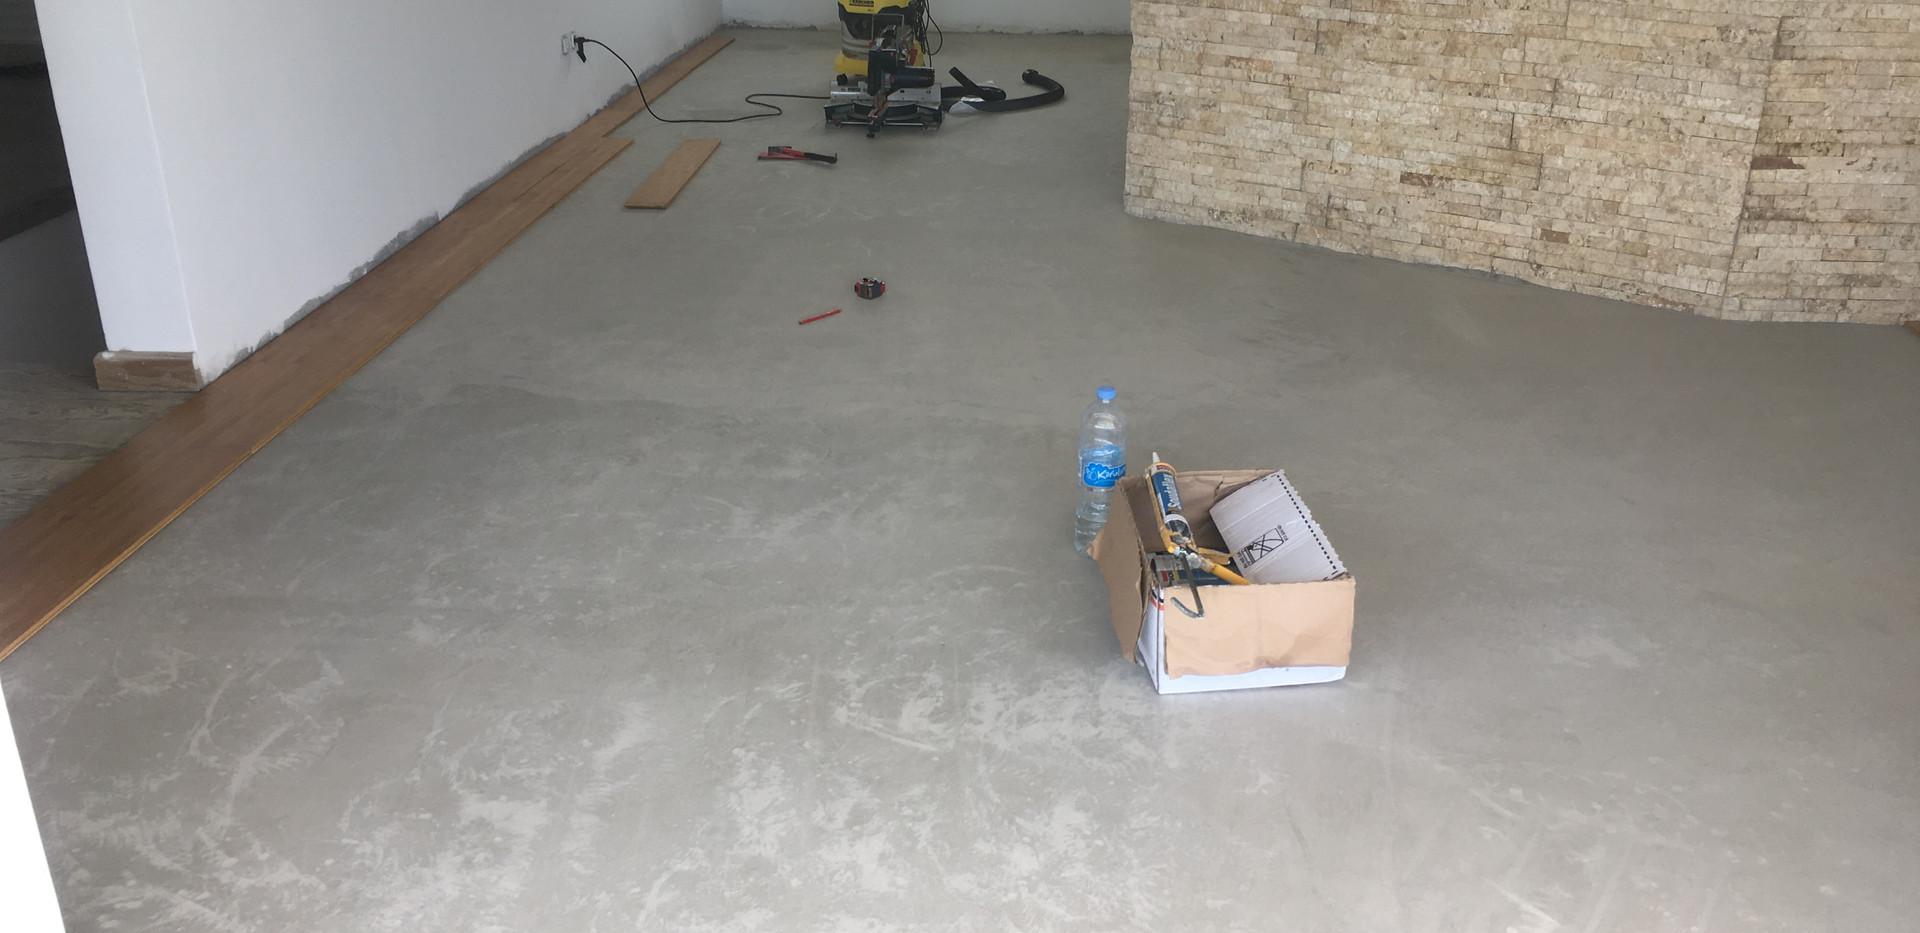 Travaux aménagement intérieur et extérieur 13 ESO BTP - Travaux de construction et rénovation - Guadeloupe